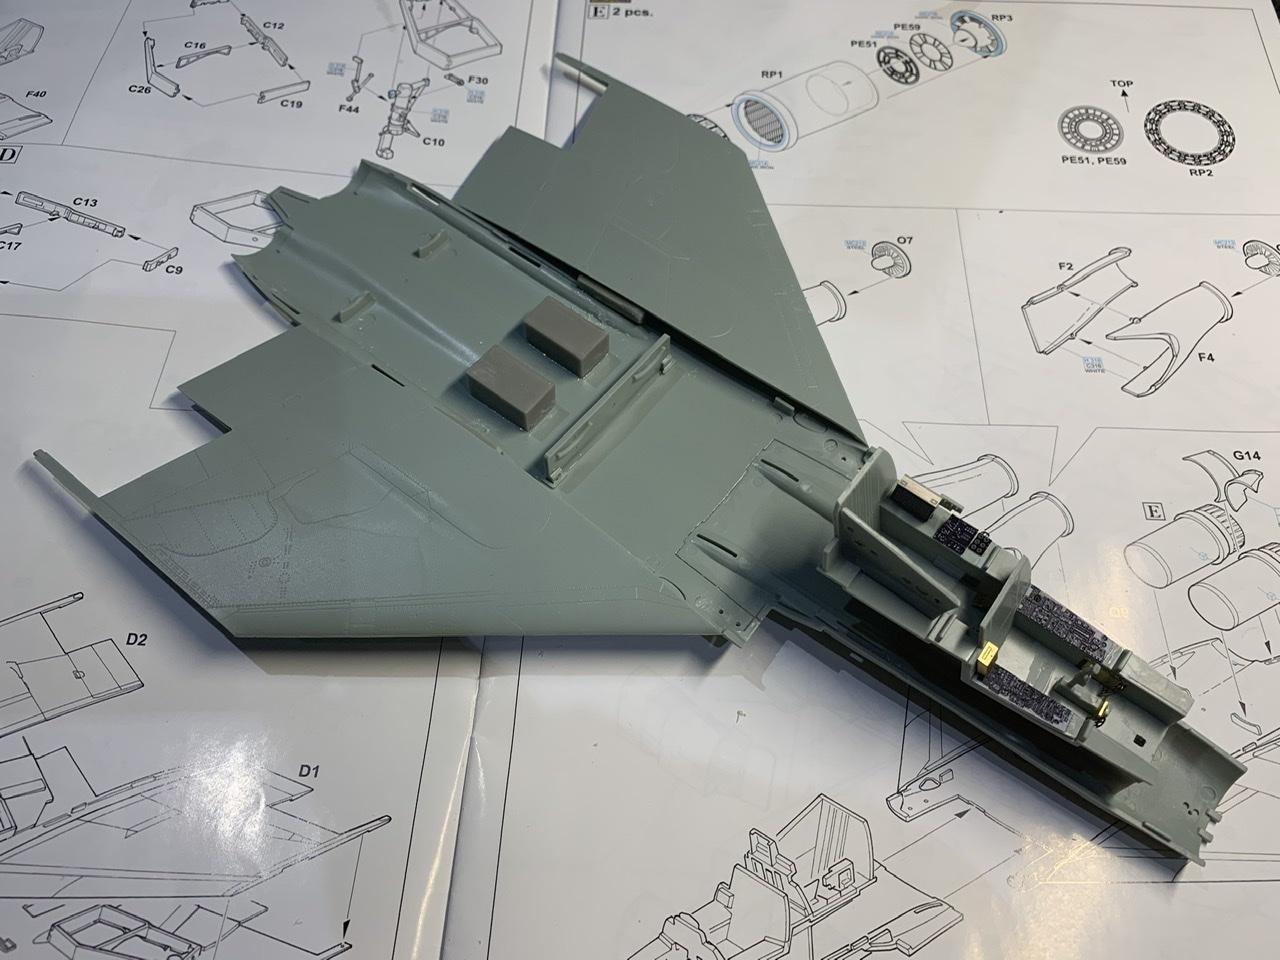 E13DF084-B93C-4151-AD87-29E8B596D15D.jpeg